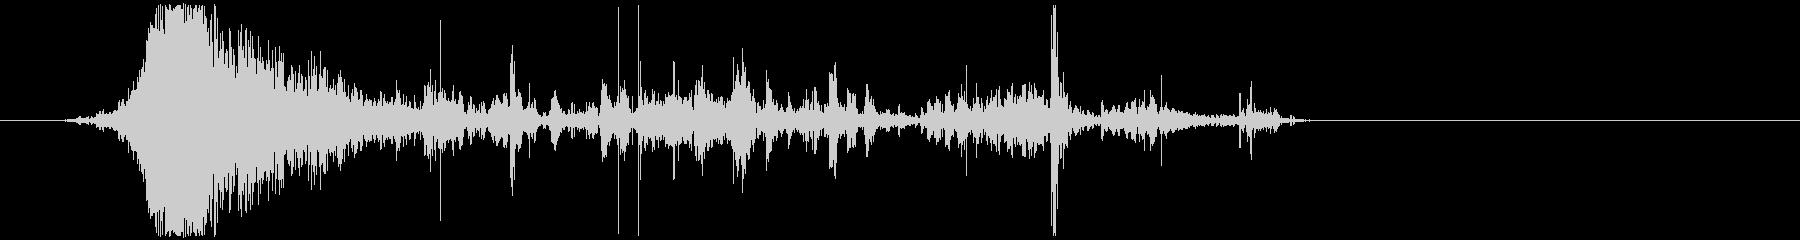 ジュバガブ!ネチャ…フゴ(噛みつき咀嚼)の未再生の波形